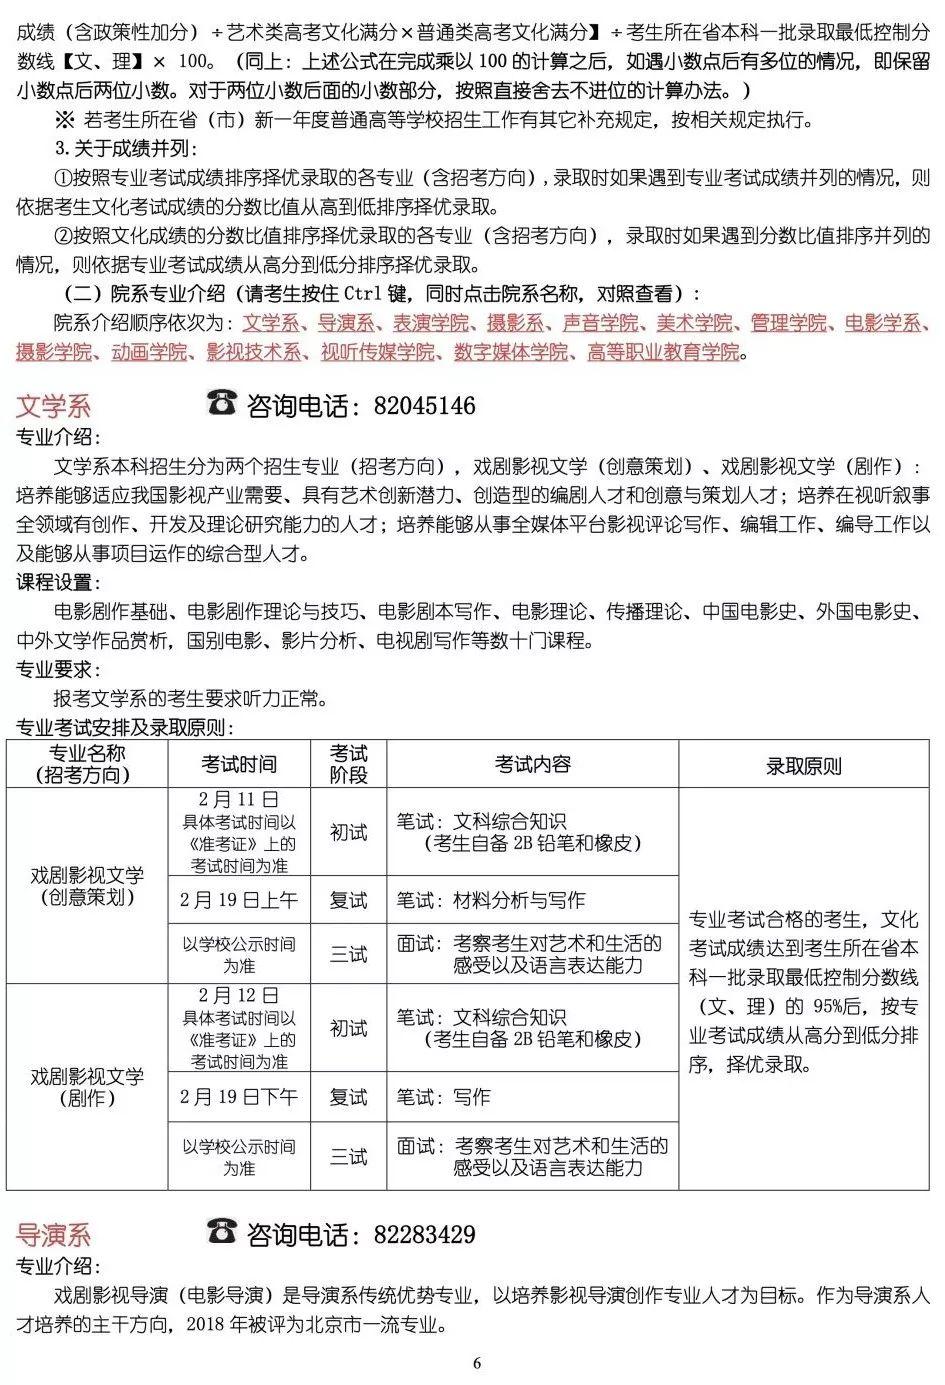 中国传媒大学,北京电影学院,中央戏剧学院,北京巅峰广艺画室       20